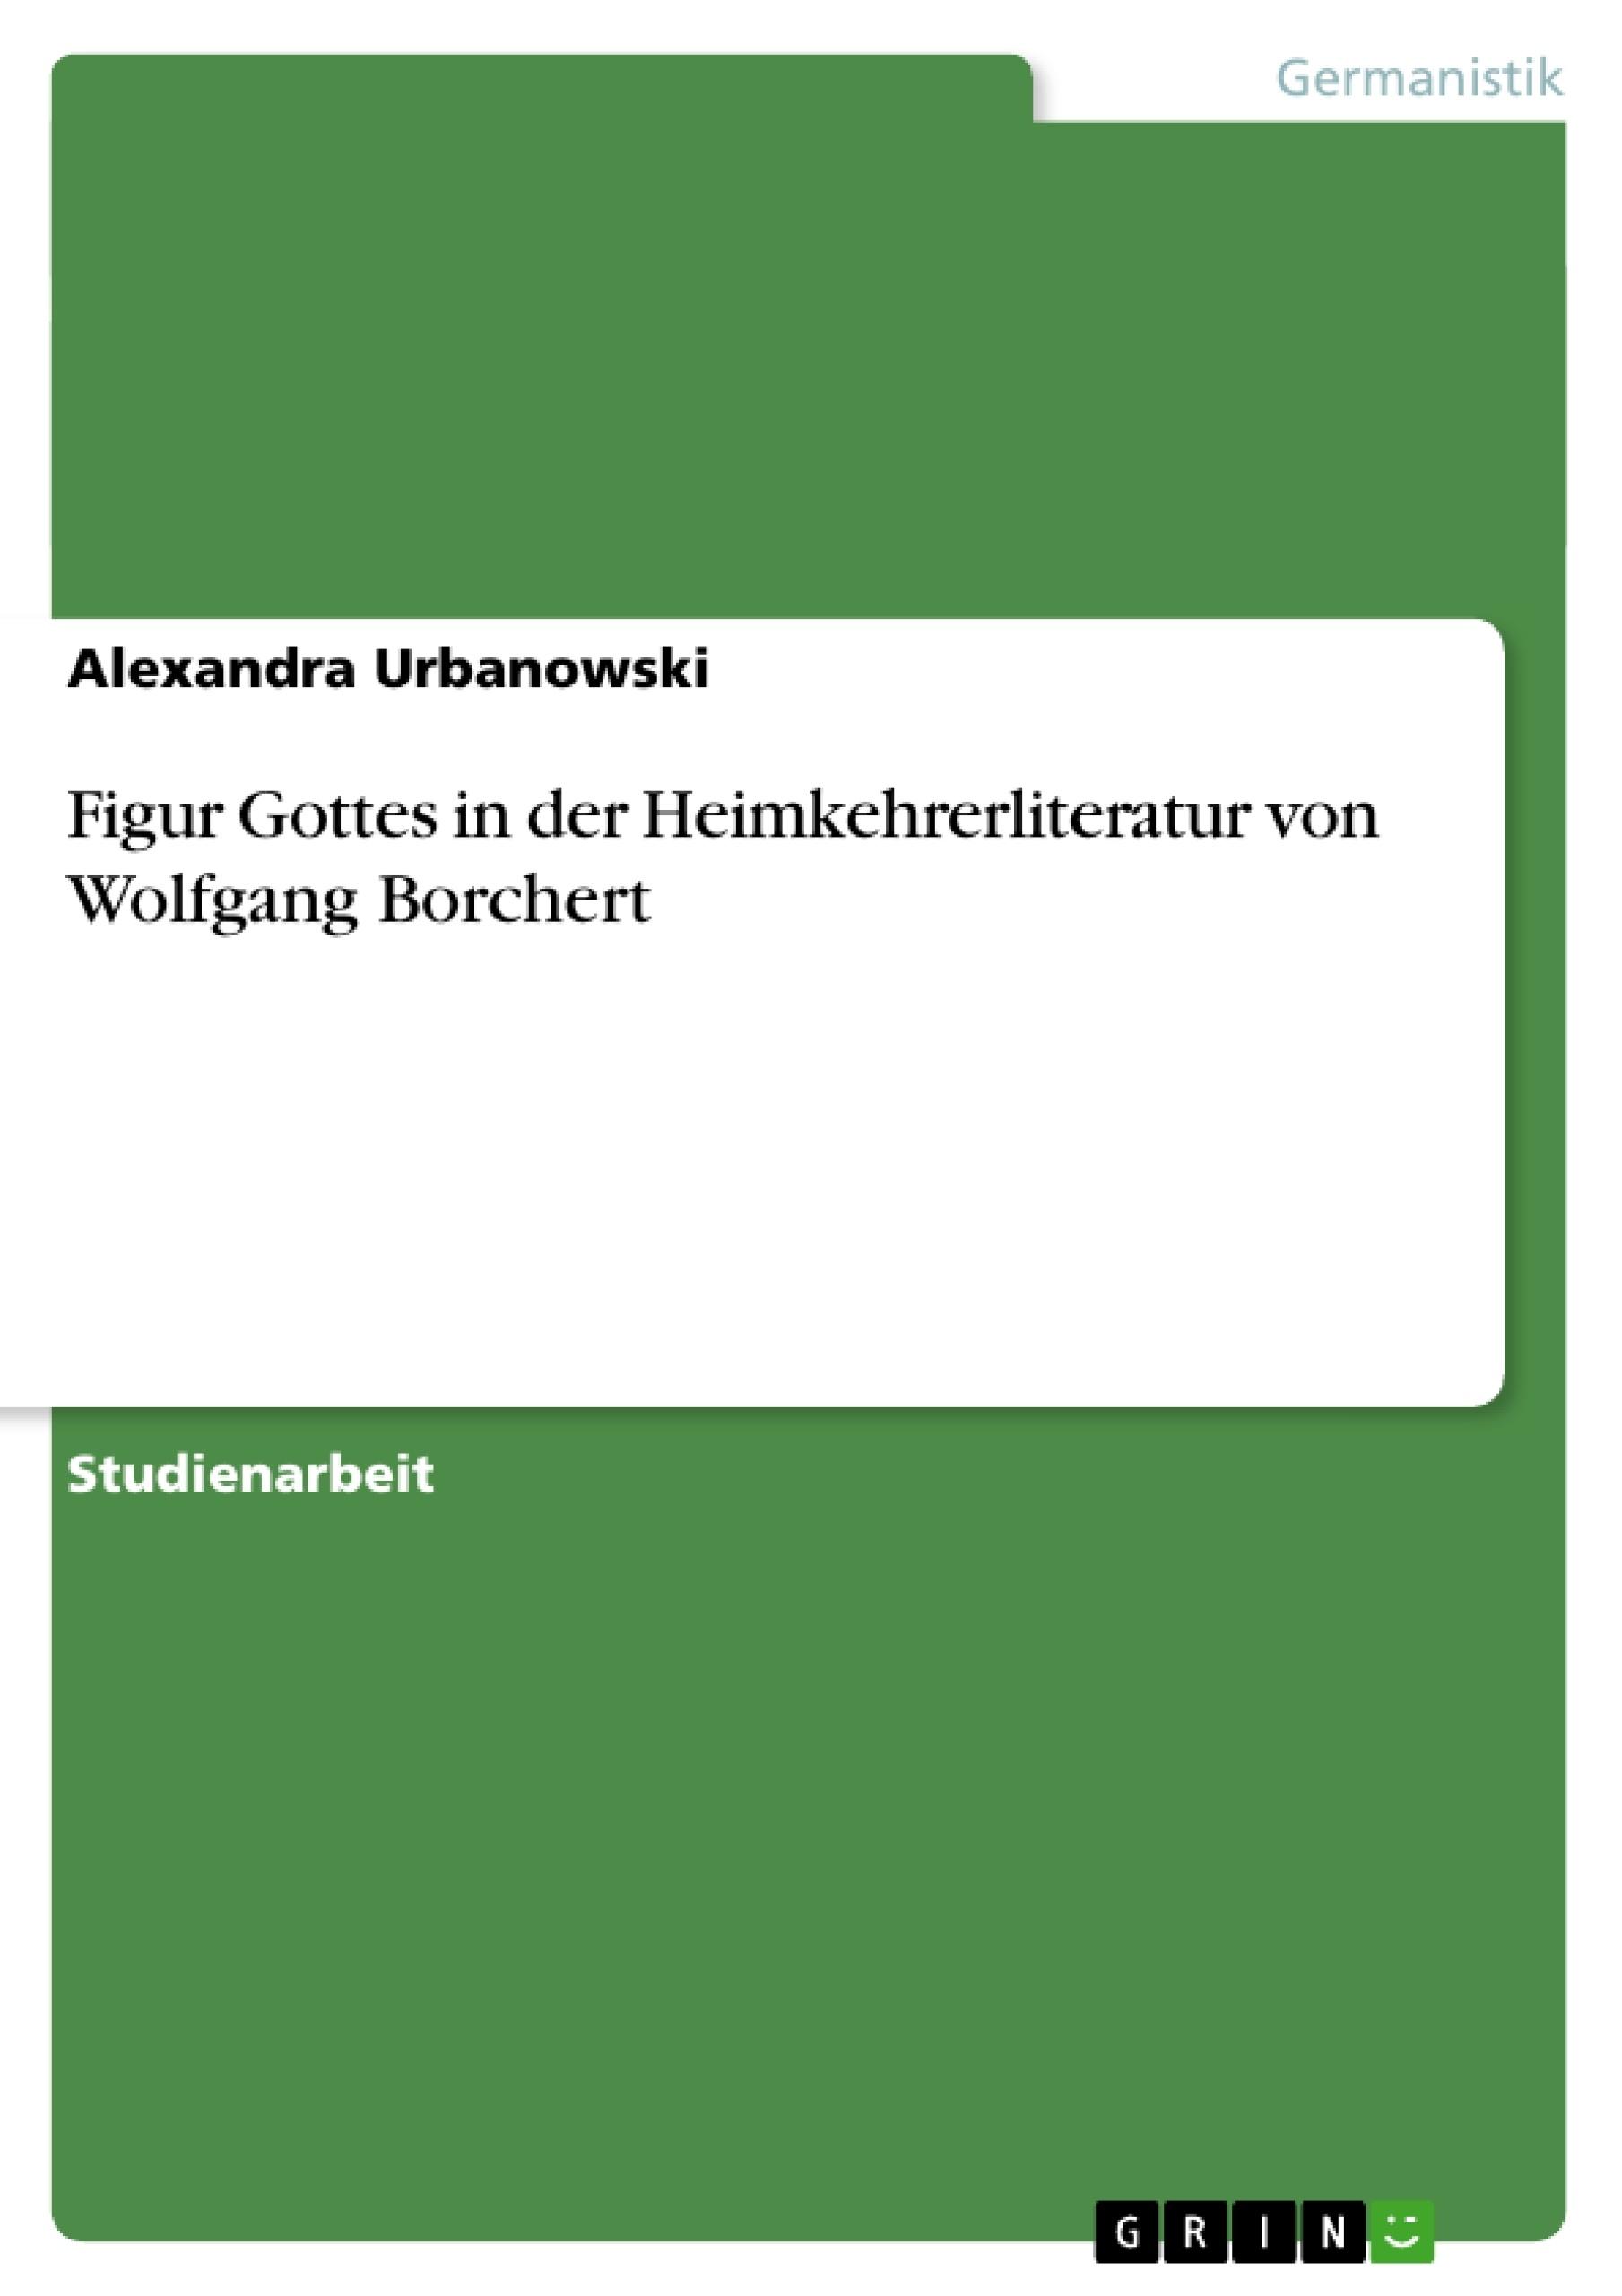 Titel: Figur Gottes in der Heimkehrerliteratur von Wolfgang Borchert